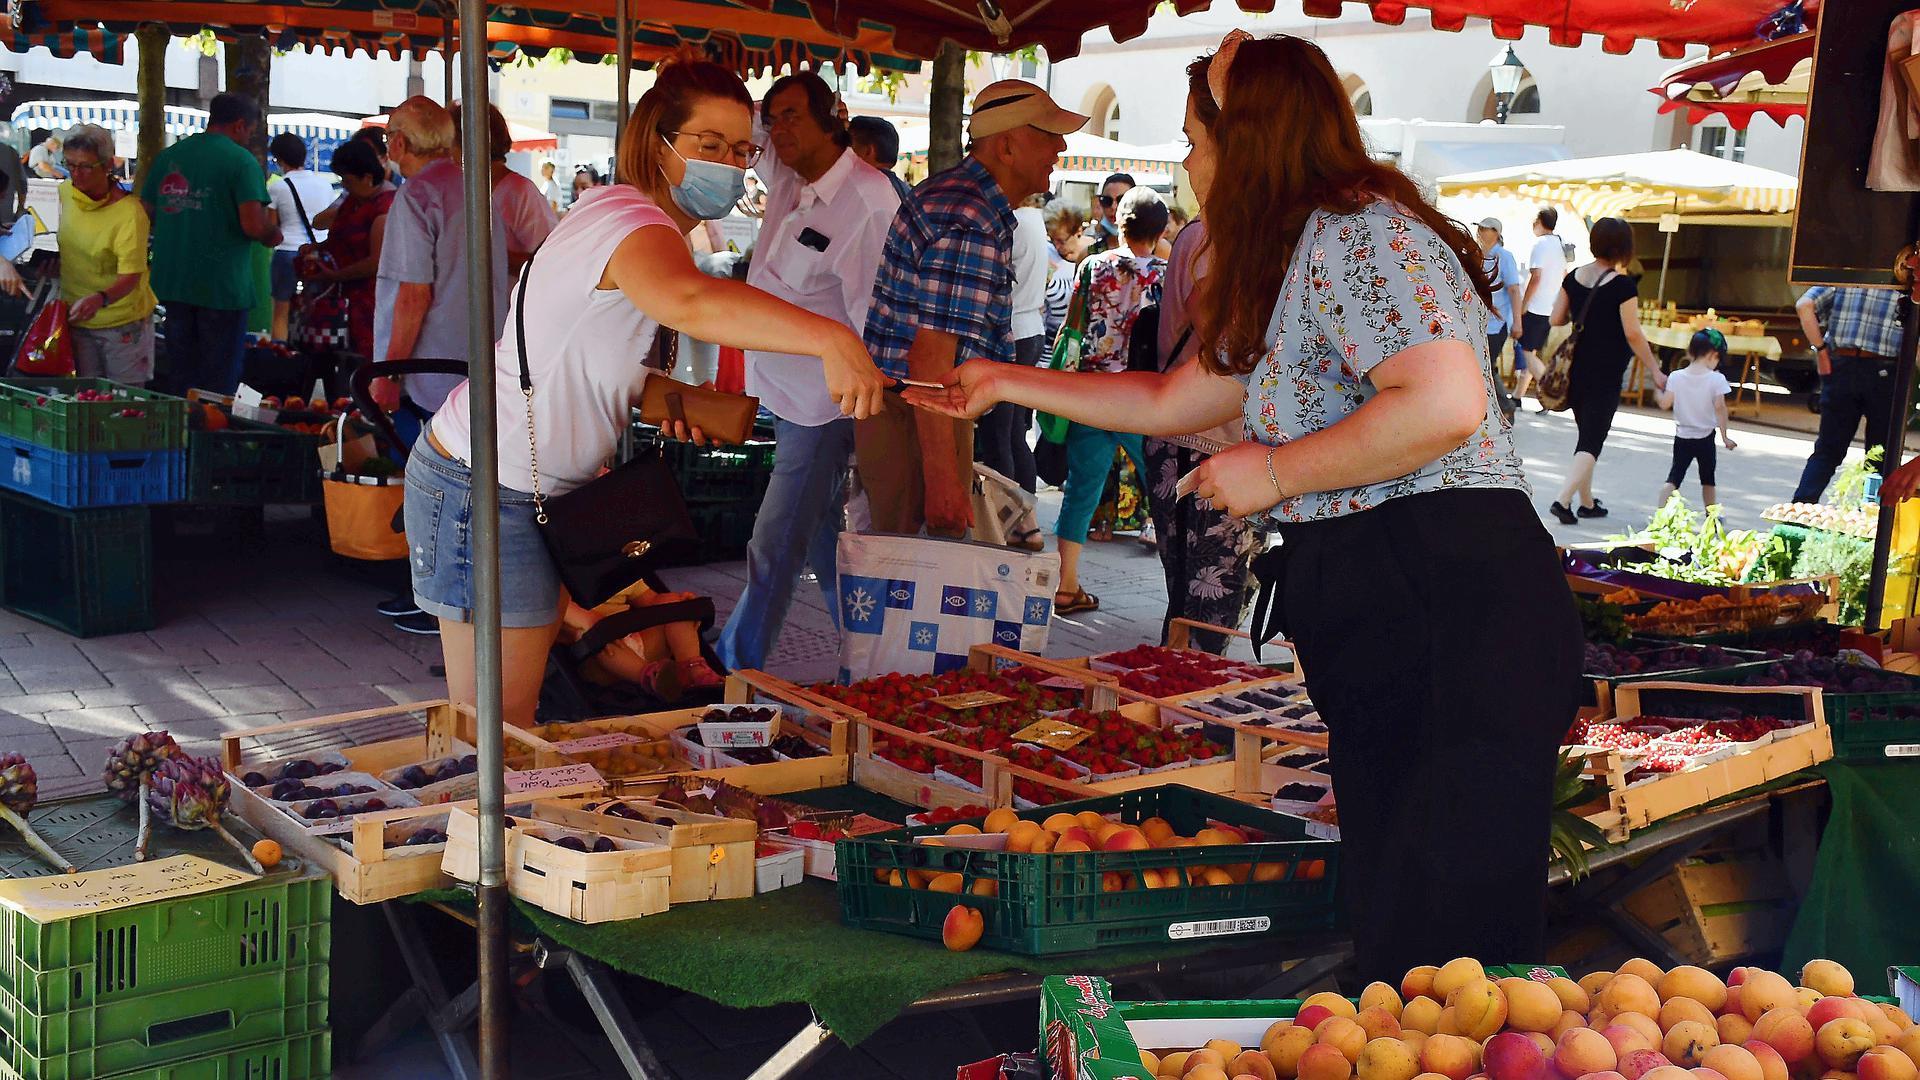 Gut angenommen: Der Wochenmarkt auf dem Markt- und Kirchplatz hat in den Corona-Wochen eine gesteigerte Nachfrage erfahren.